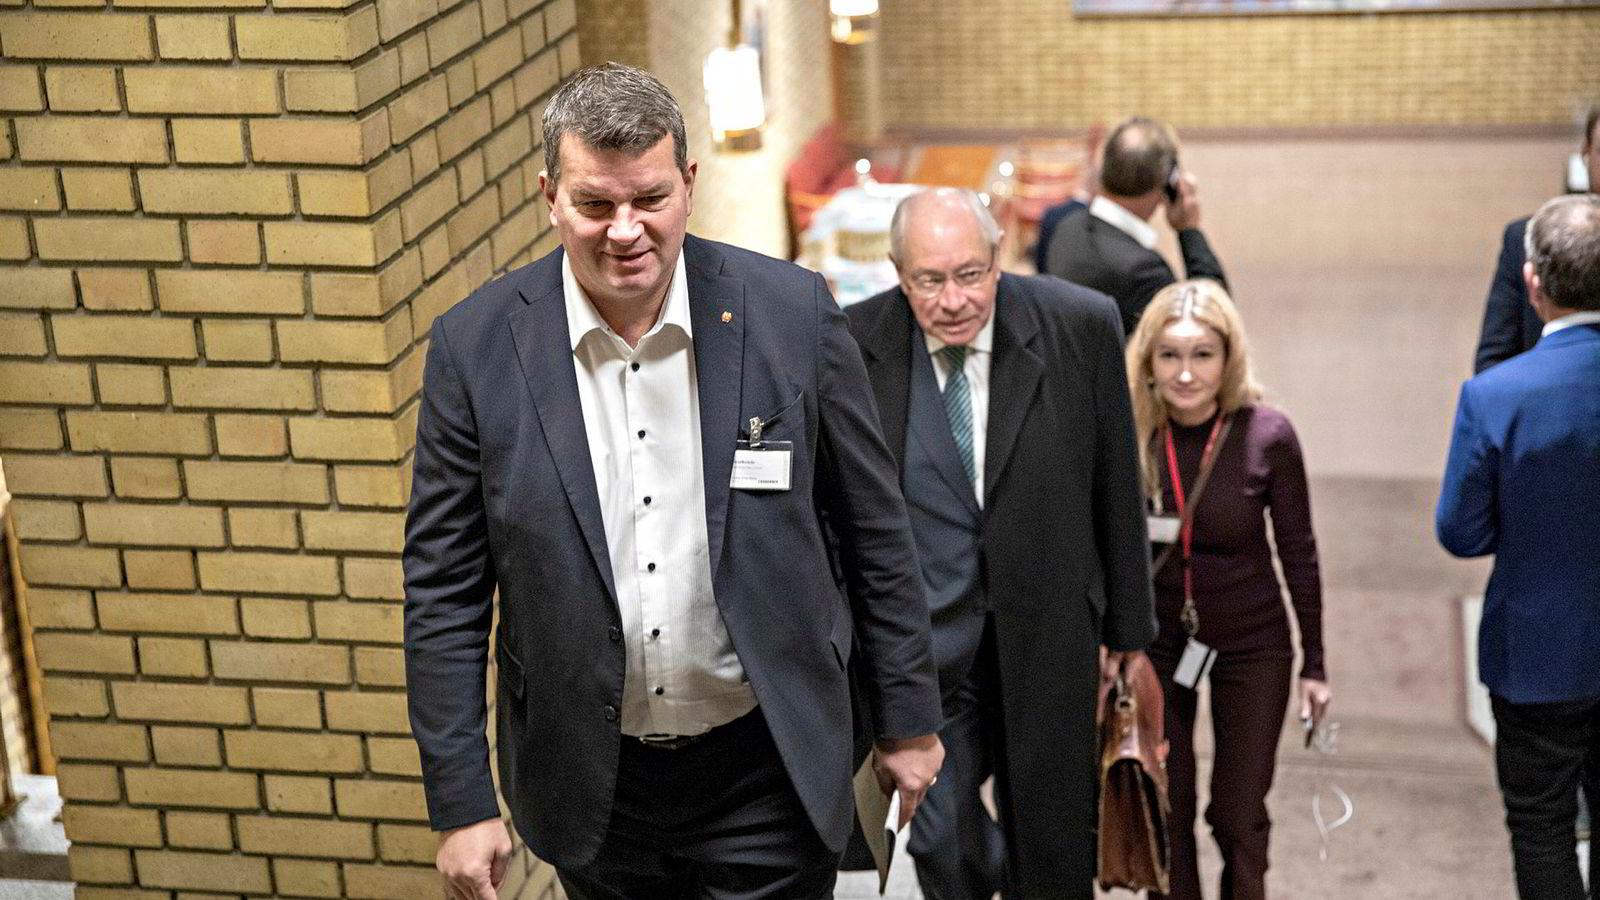 LO-sjef Hans Christian Gabrielsen krevere pensjon fra første krone.